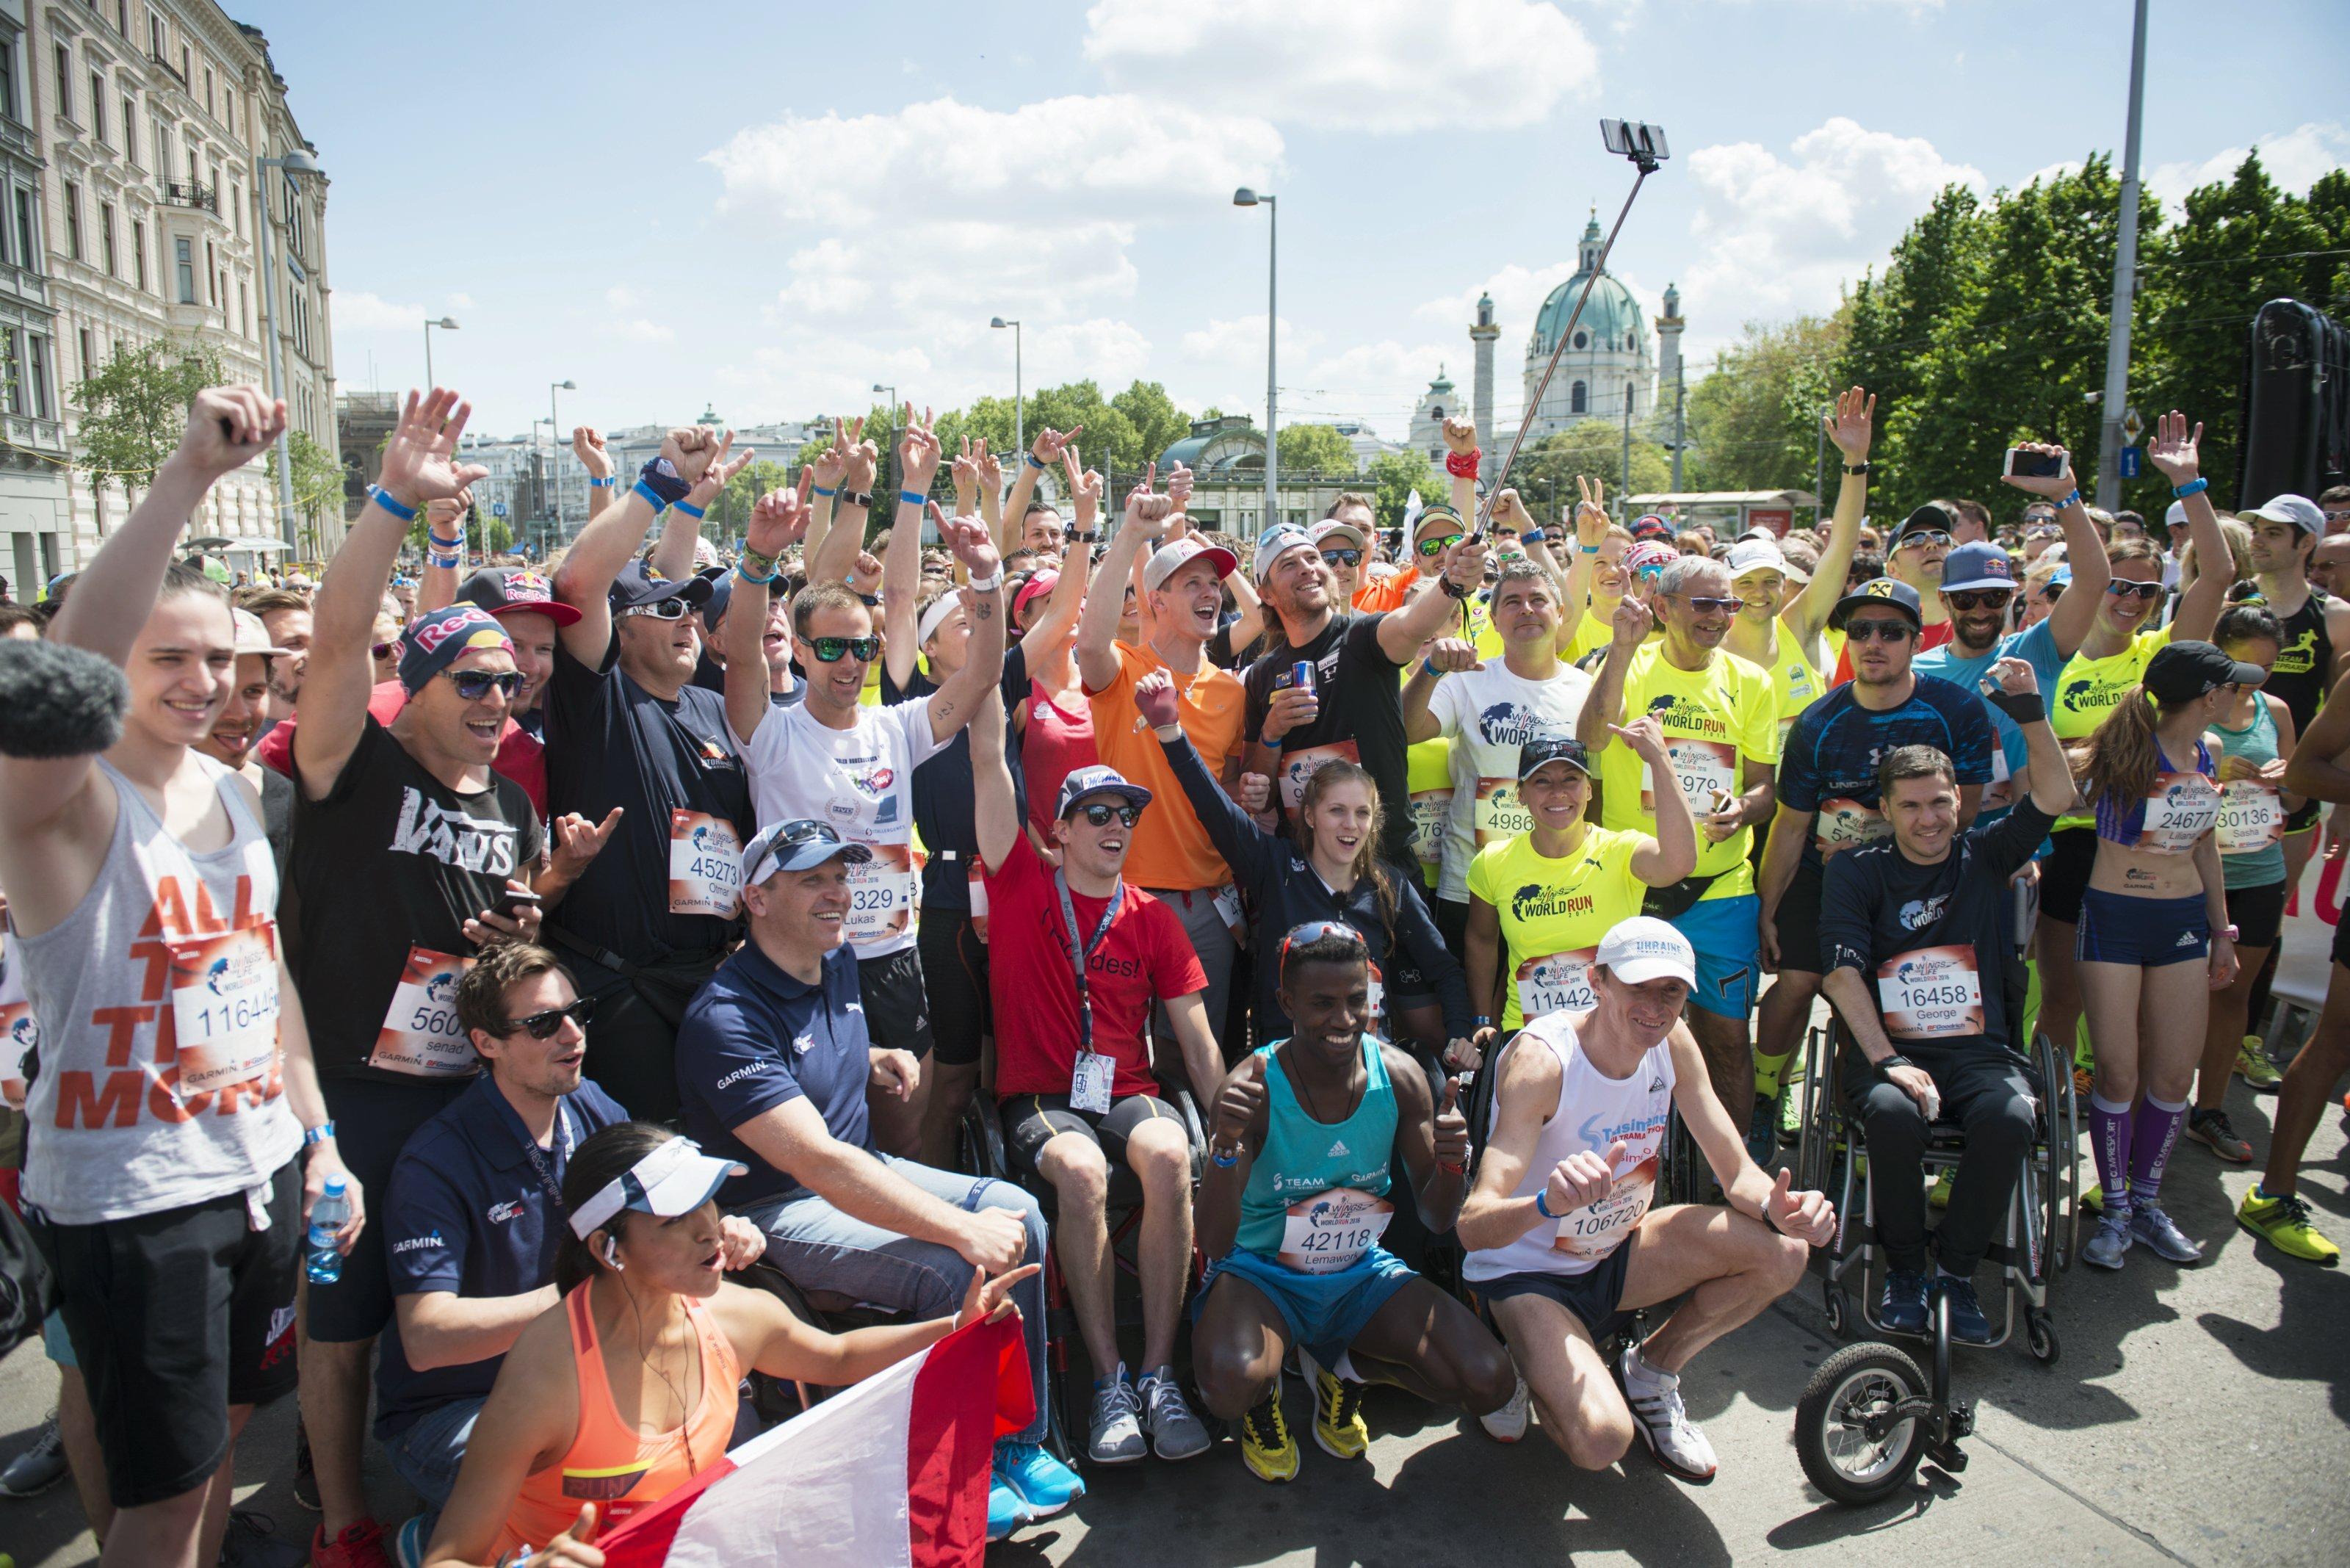 George Baltă și Daniel Osmanovici au prins aripi la cea de a treia ediție a maratonului caritabil Wings for Life World Run